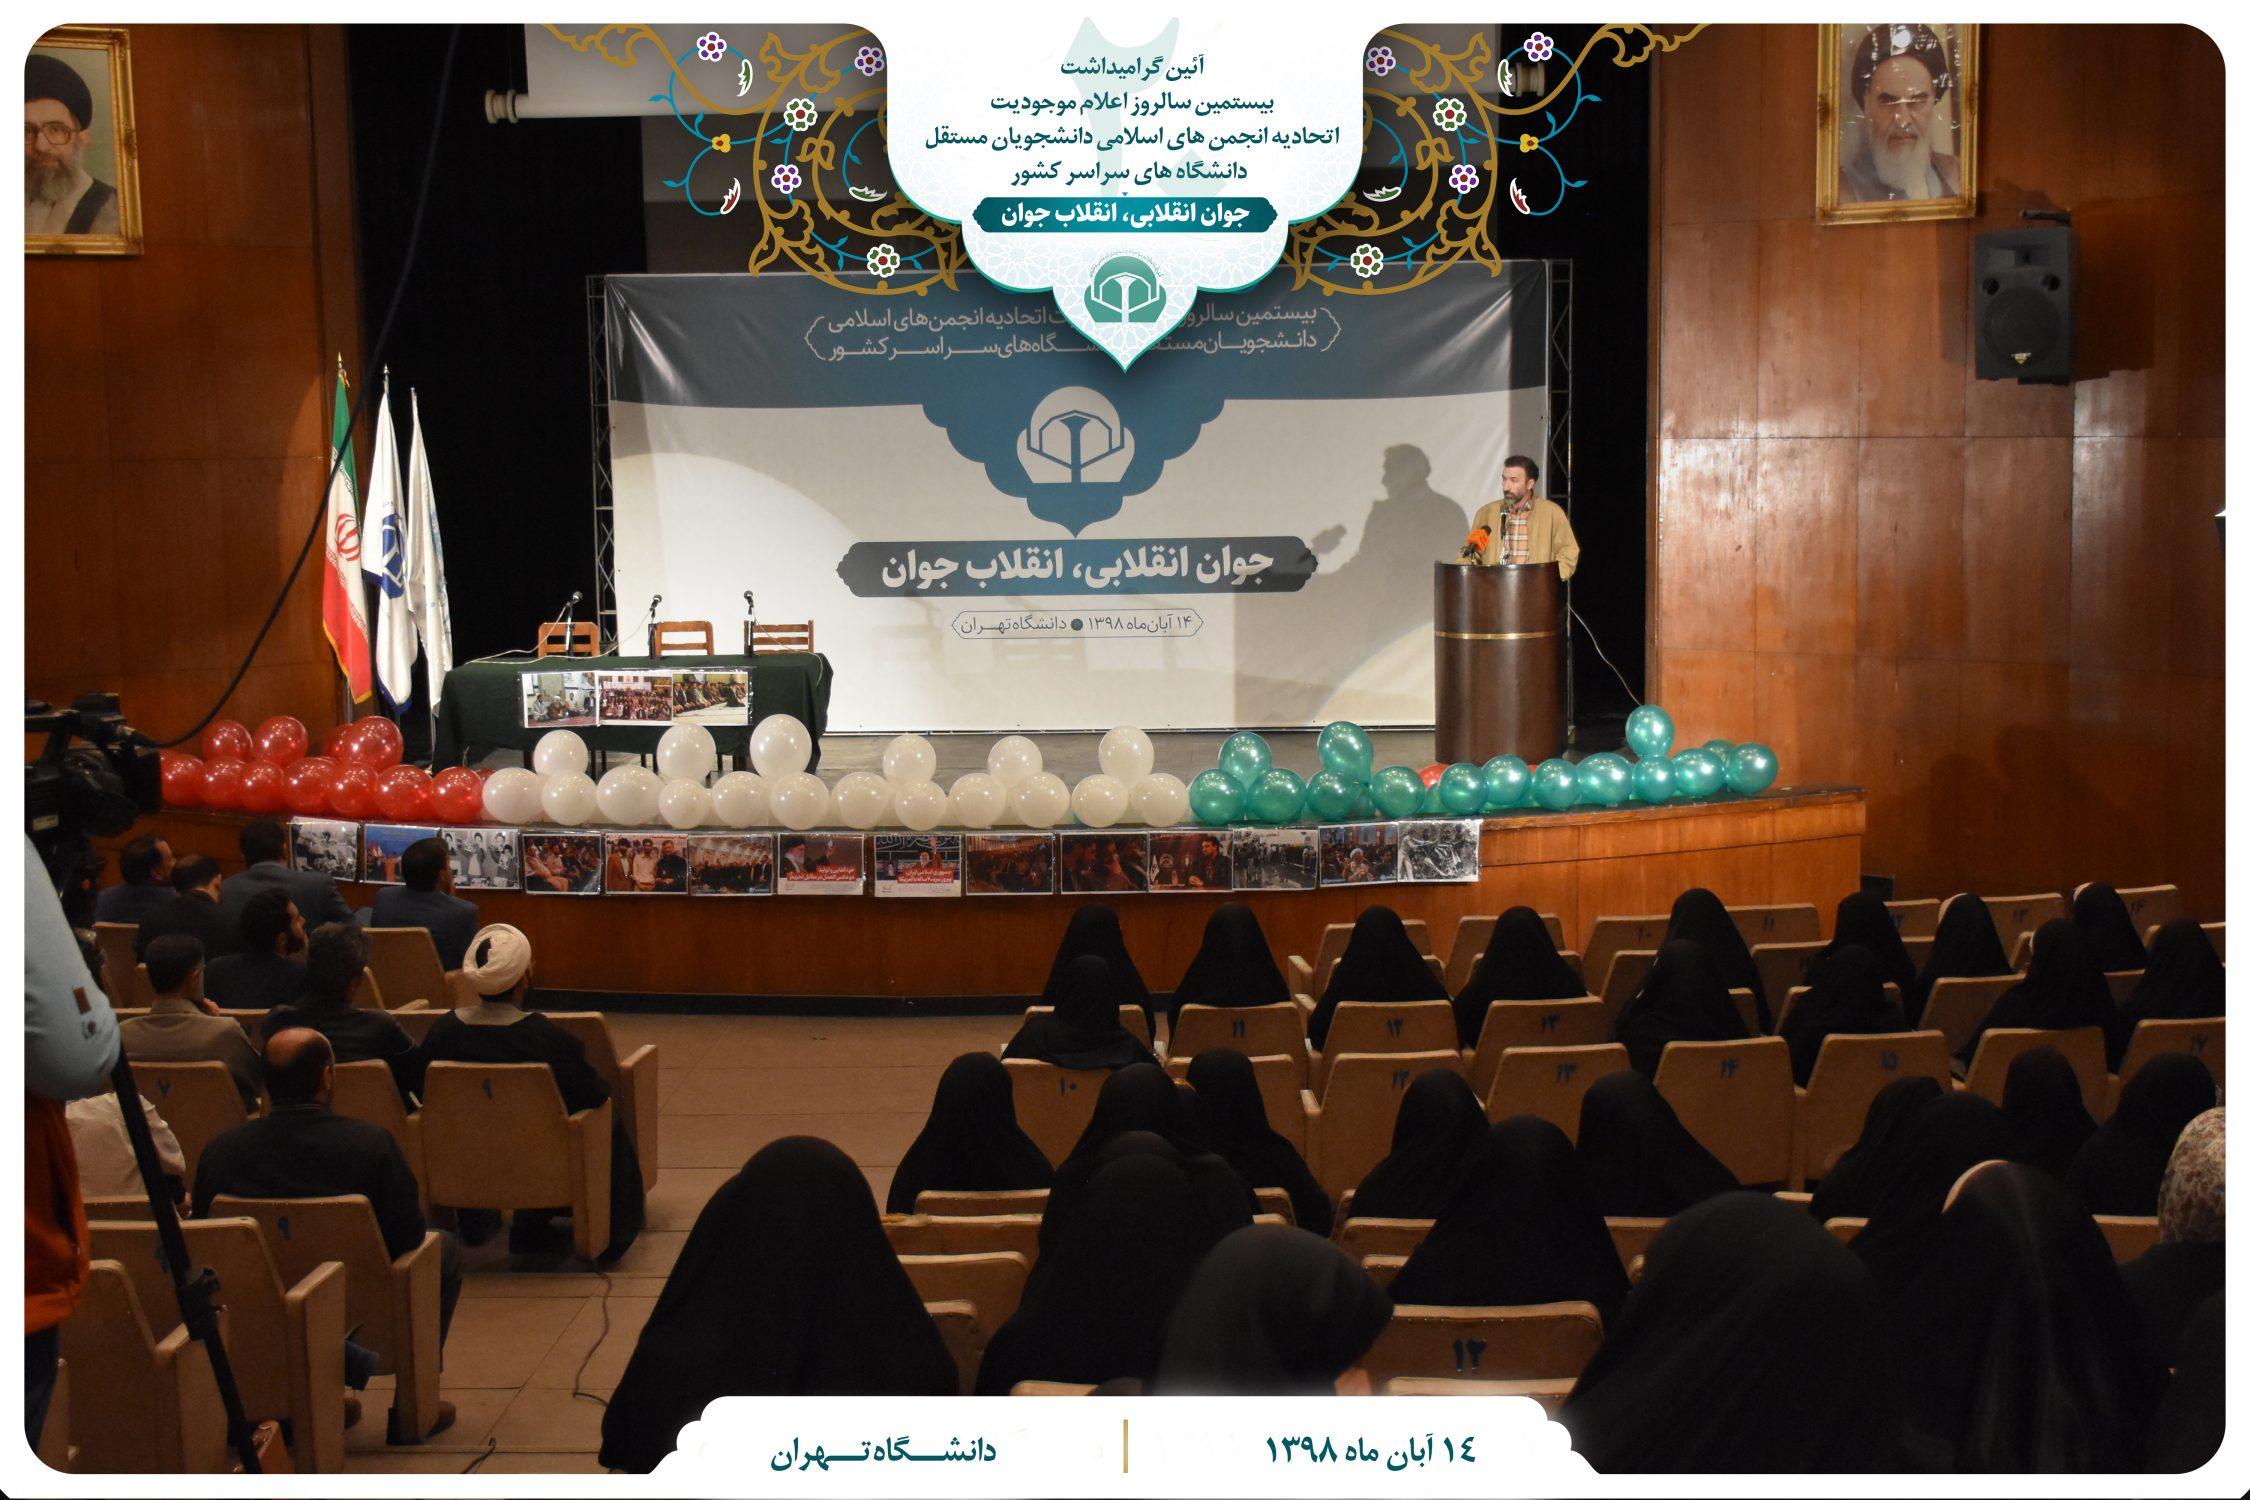 سخنرانی سیدمحمدرضا حسینی در سالروز اعلام موجودیت اتحادیه انجمن های اسلامی دانشجویان مستقل